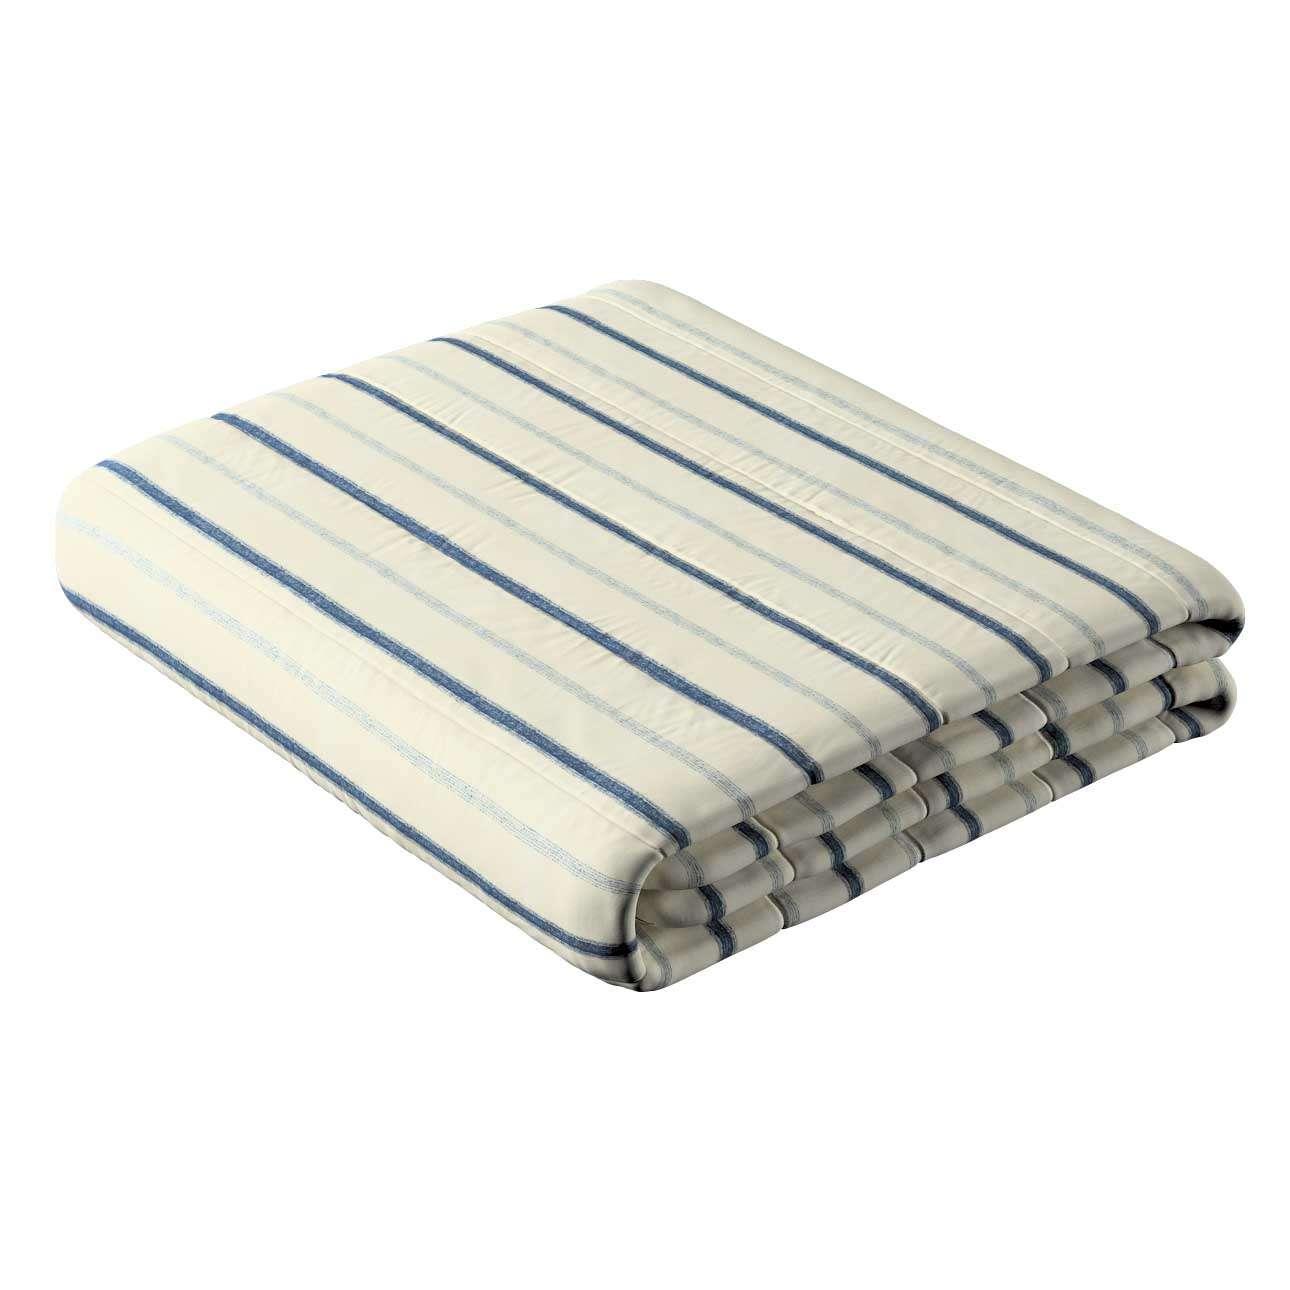 Prehoz na posteľ jednoduchý V kolekcii Avinon, tkanina: 129-66